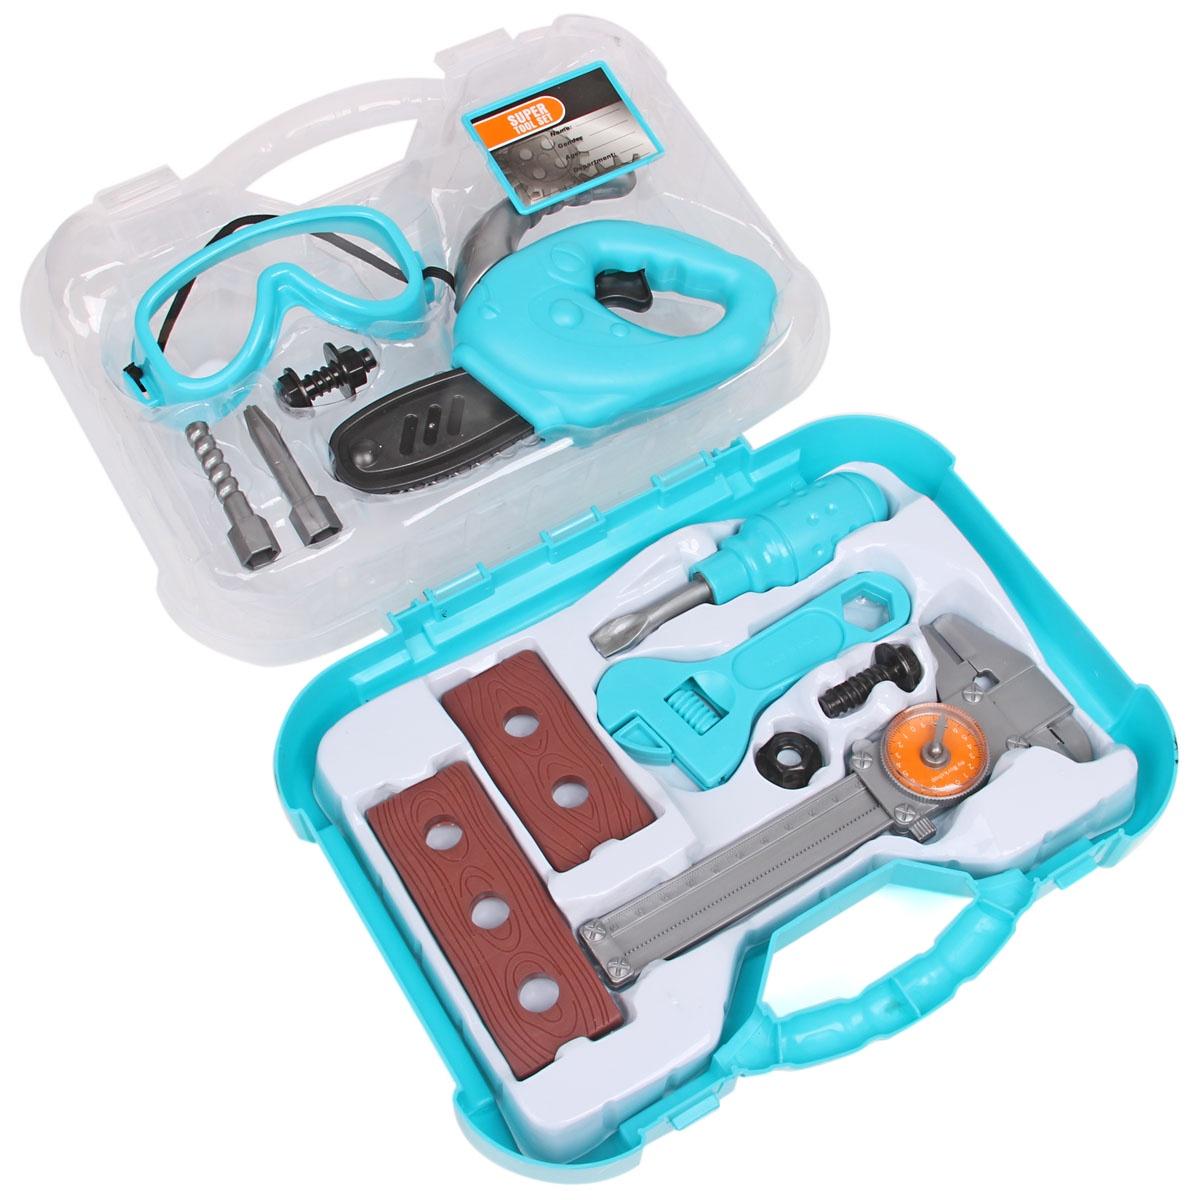 Сюжетно-ролевые игрушки Veld Co 73367 цена